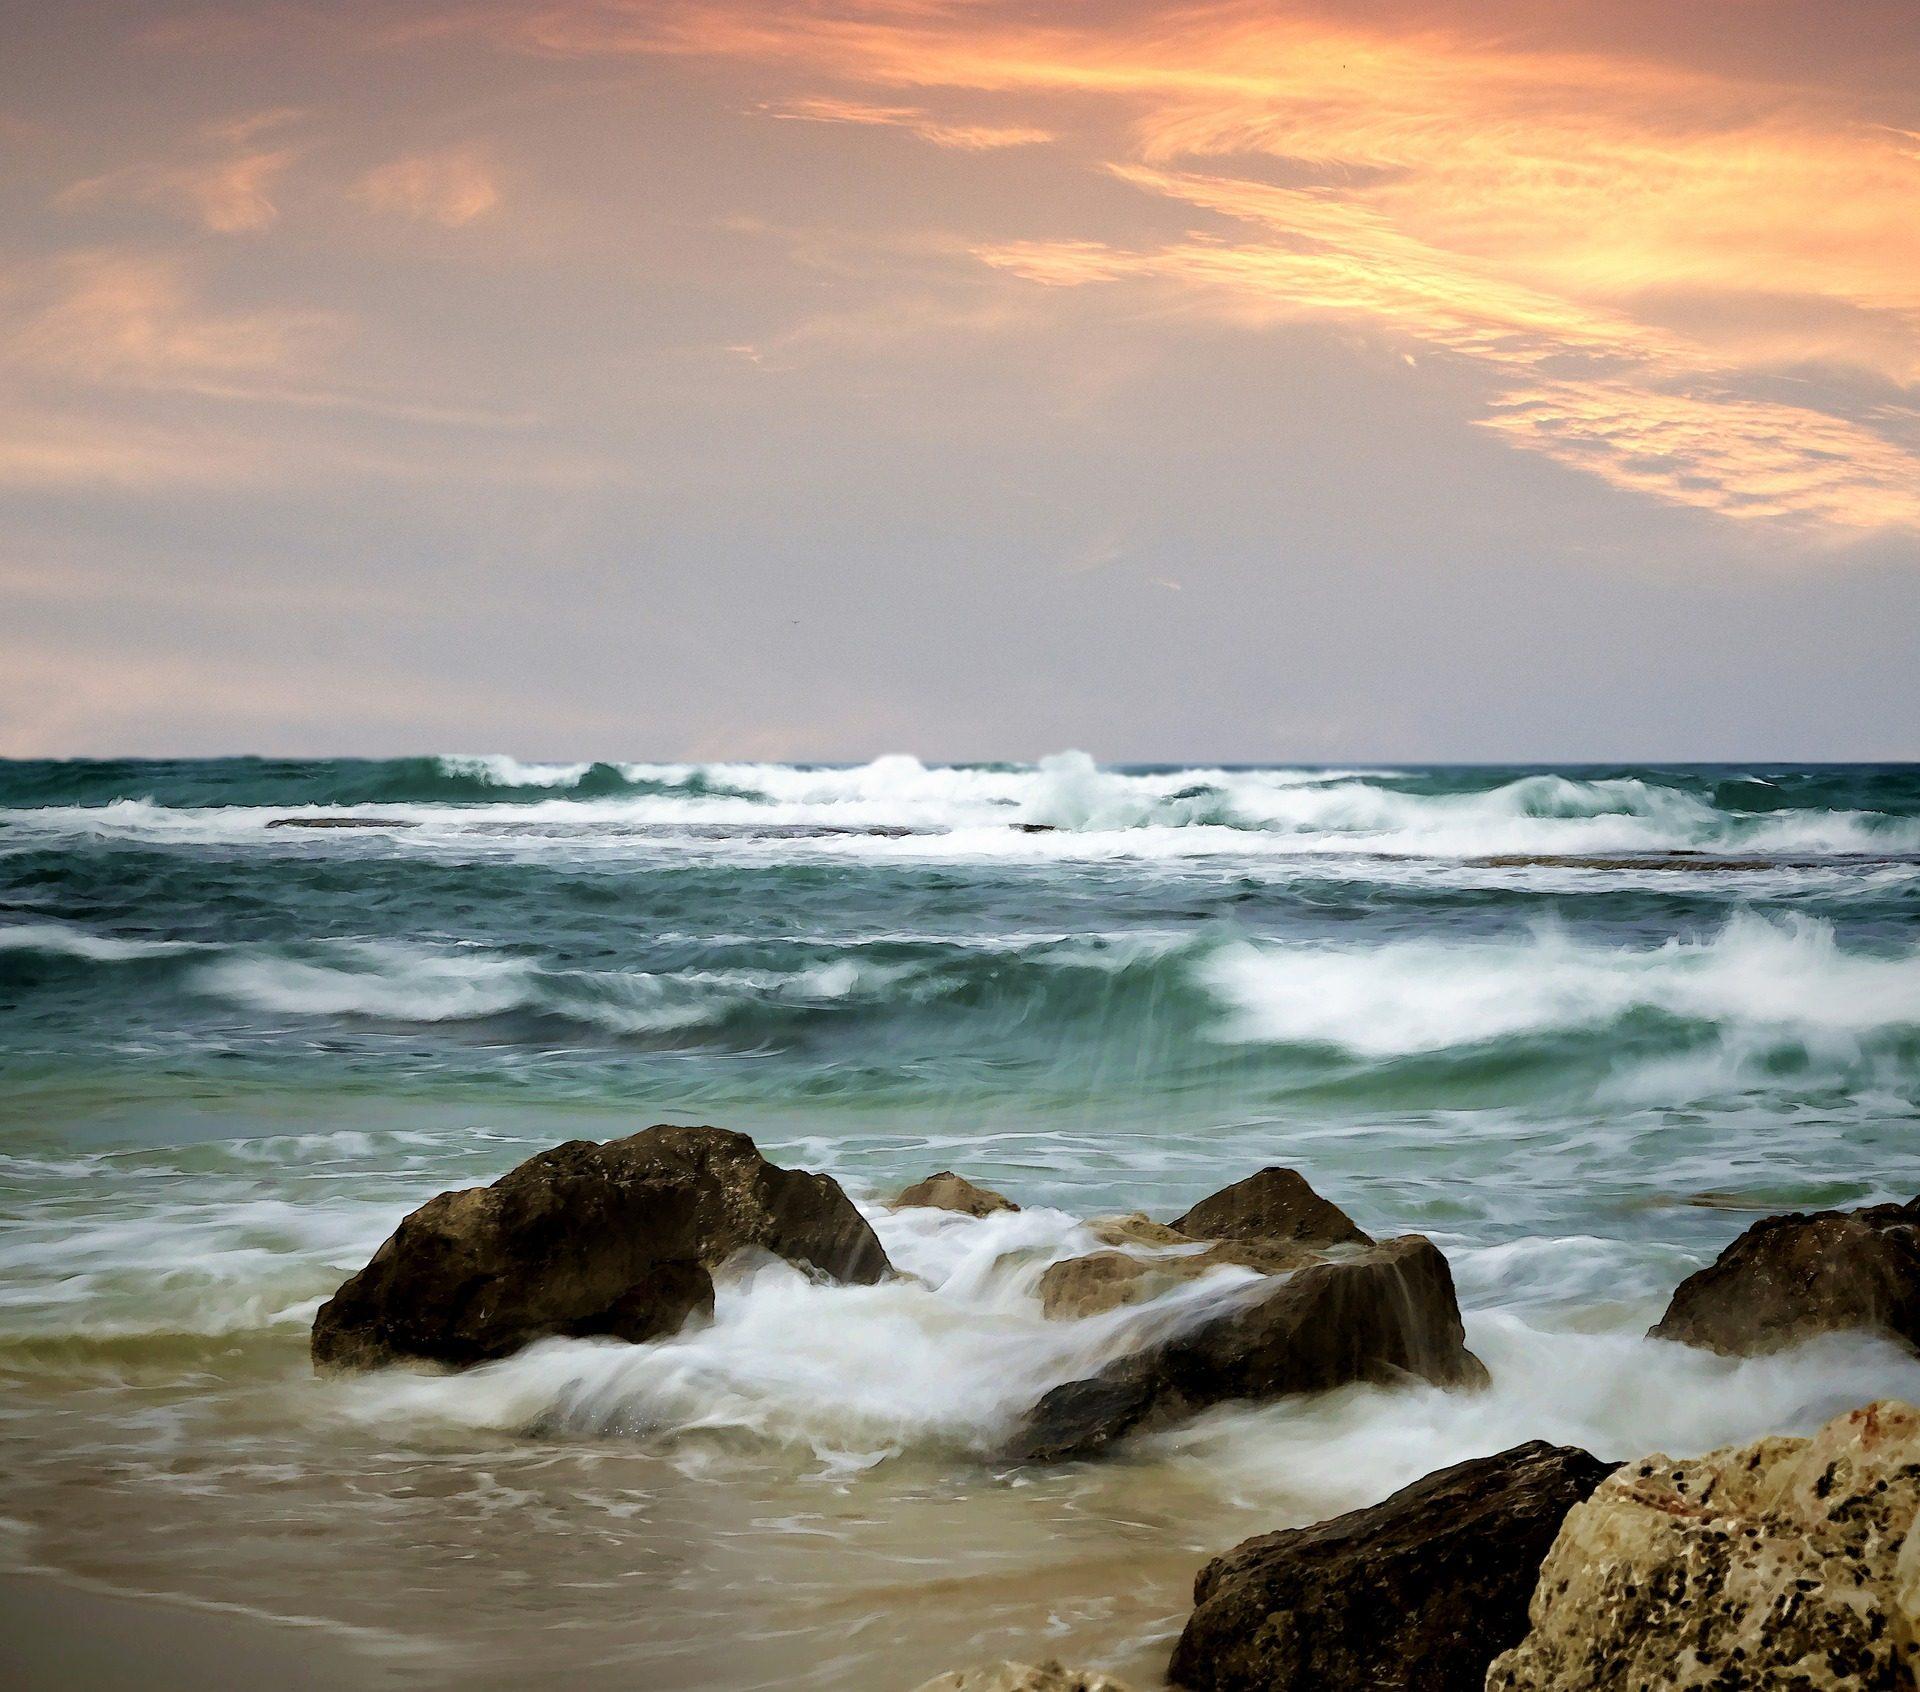 البحر, الشاطئ, الصخور, موجات, الأحجار, المحيط, المياه, السماء - خلفيات عالية الدقة - أستاذ falken.com